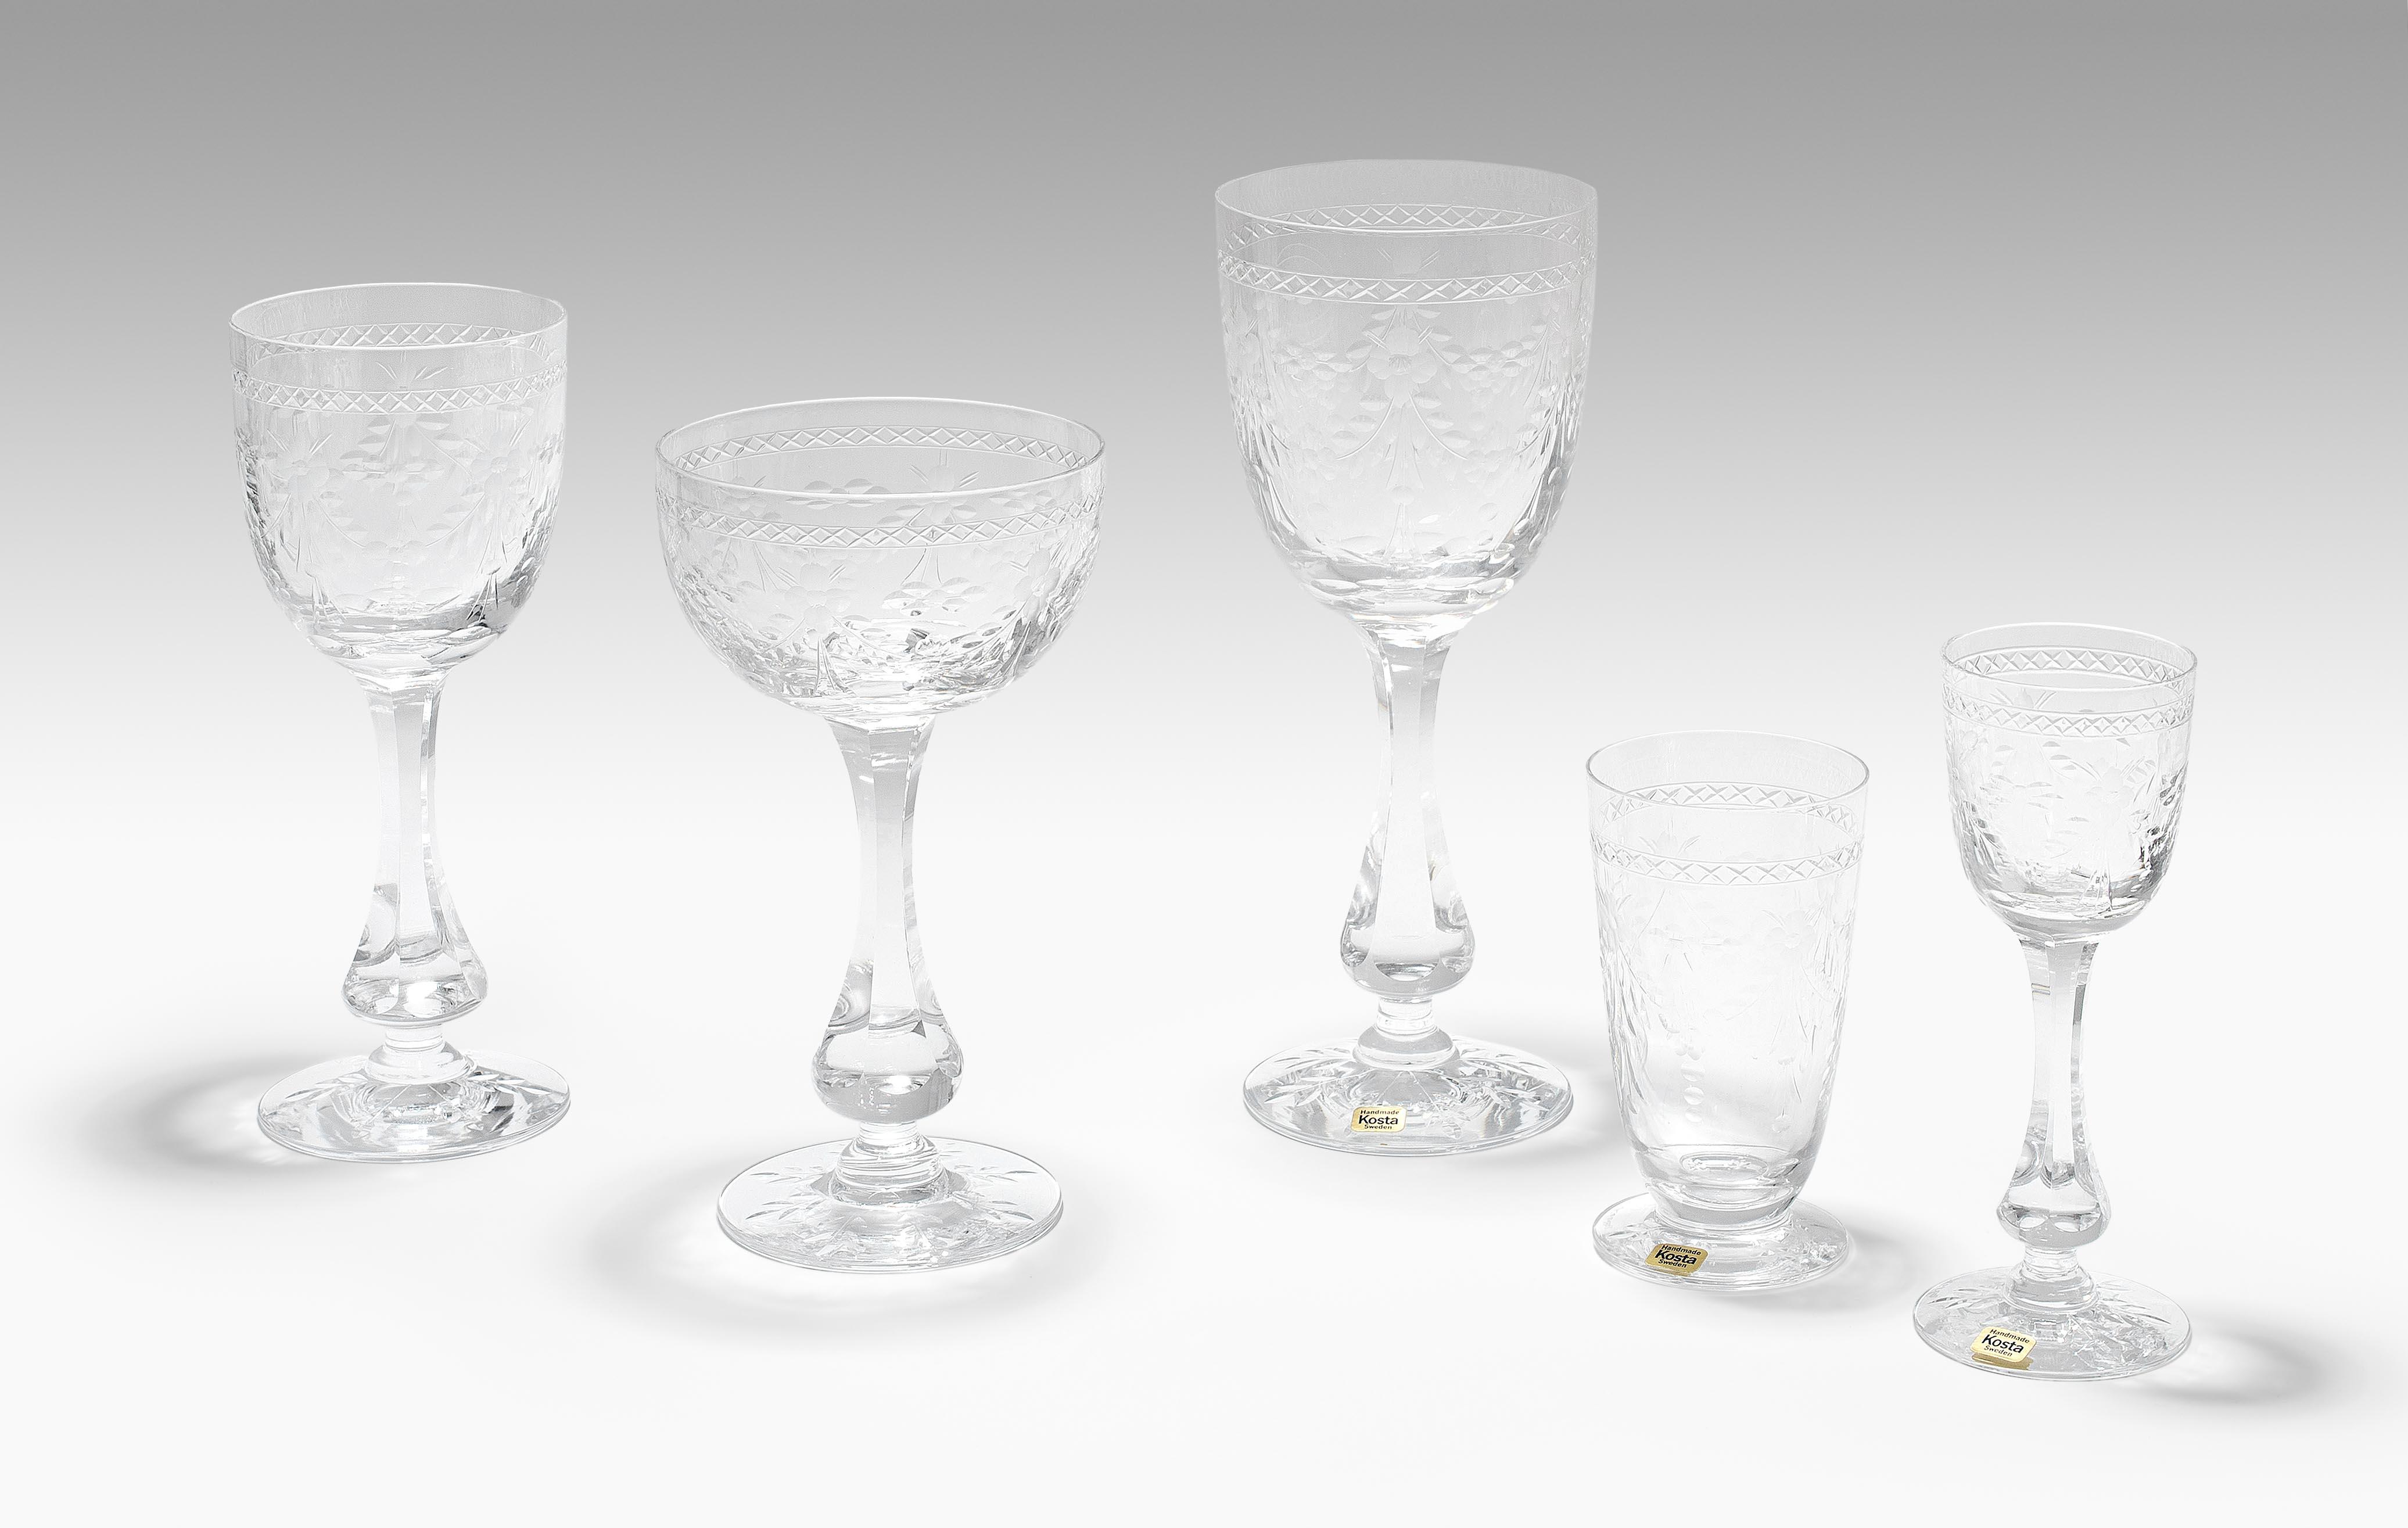 Kosta, Gläserservice